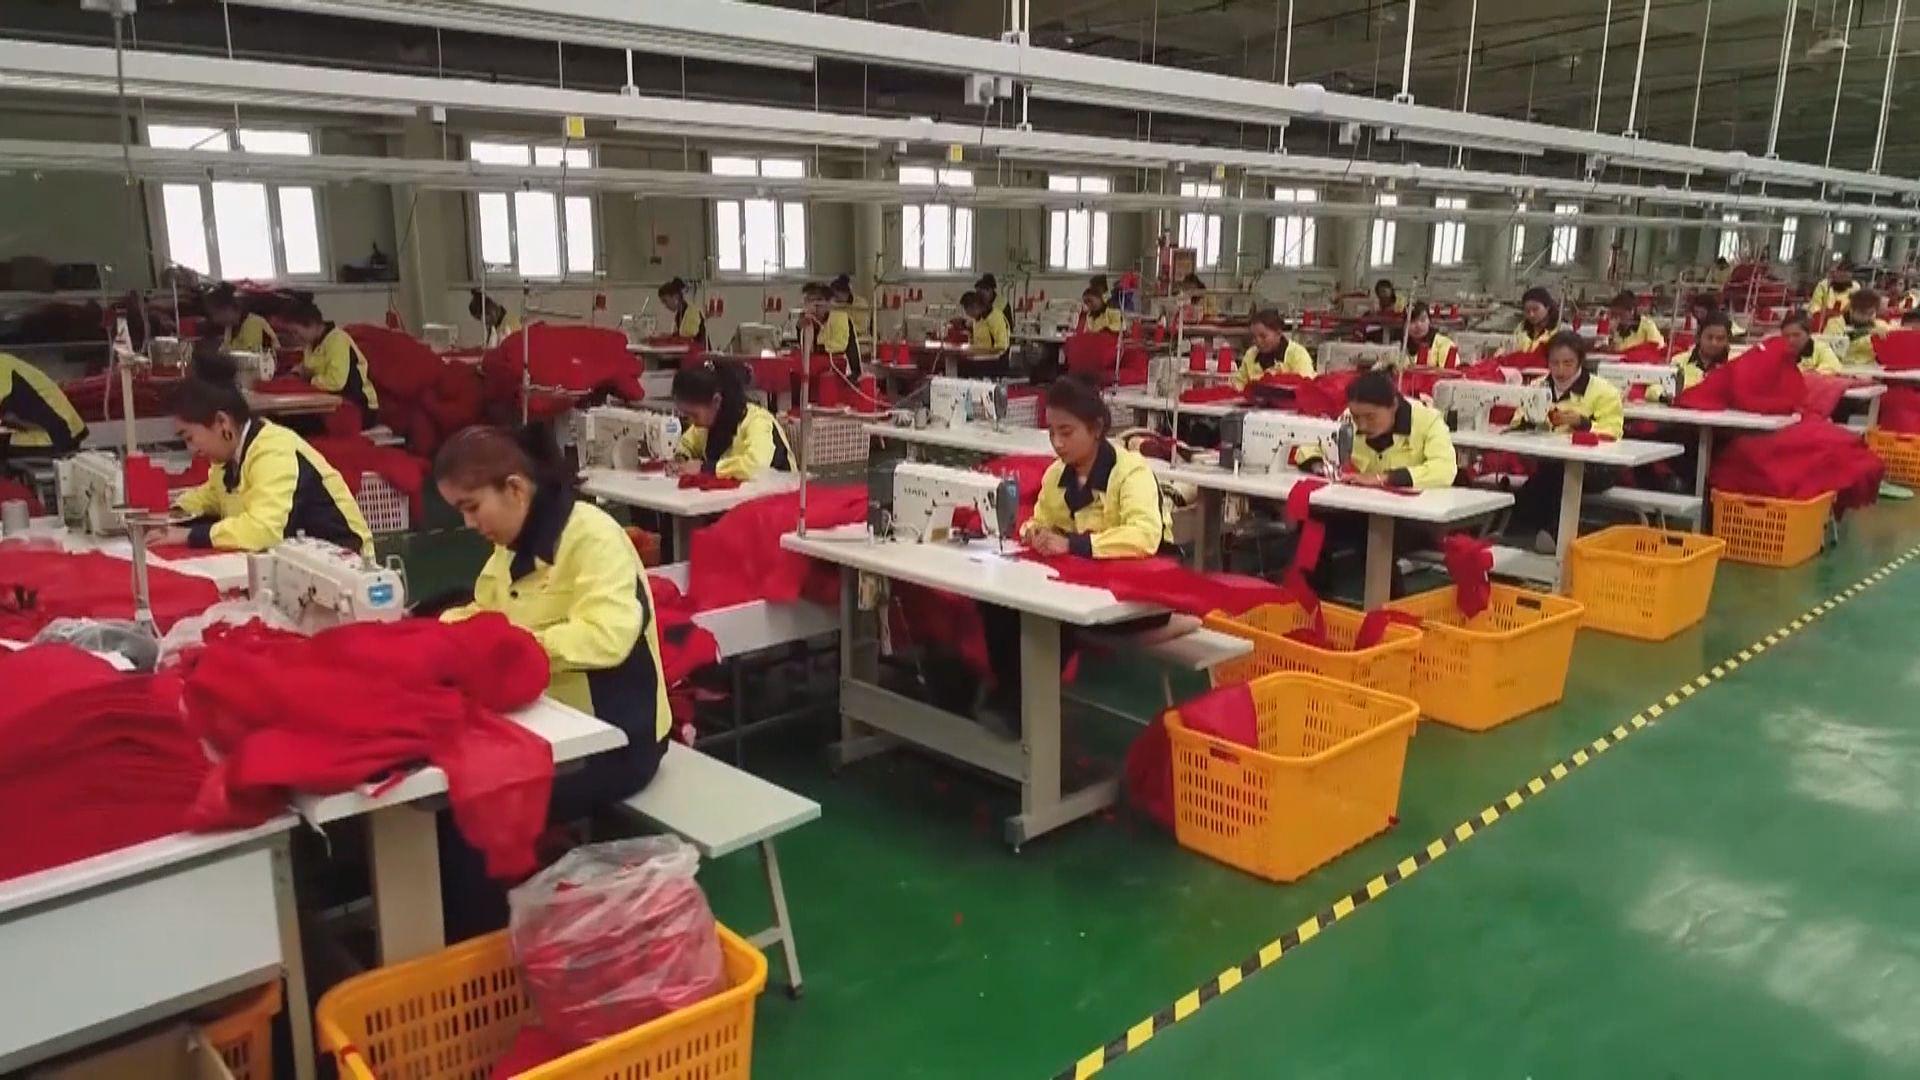 英國擬實施新規例抵制新疆強迫勞動